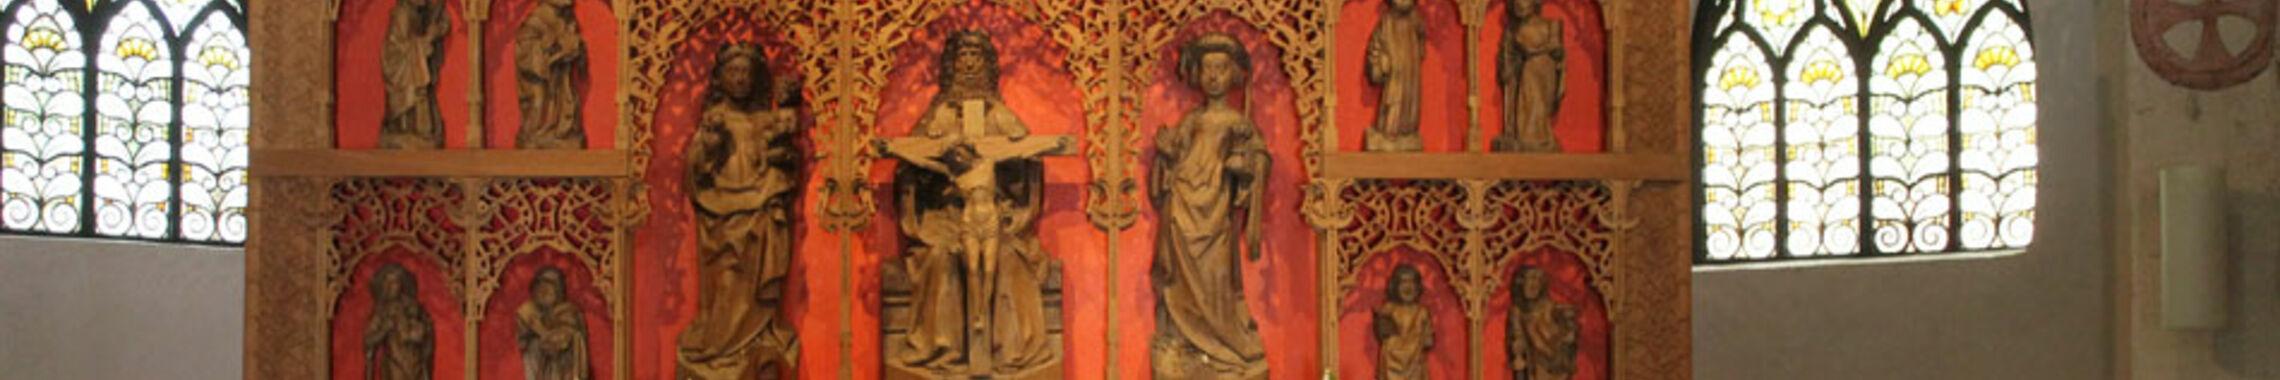 Der Altar in der Wolterdinger Kirche